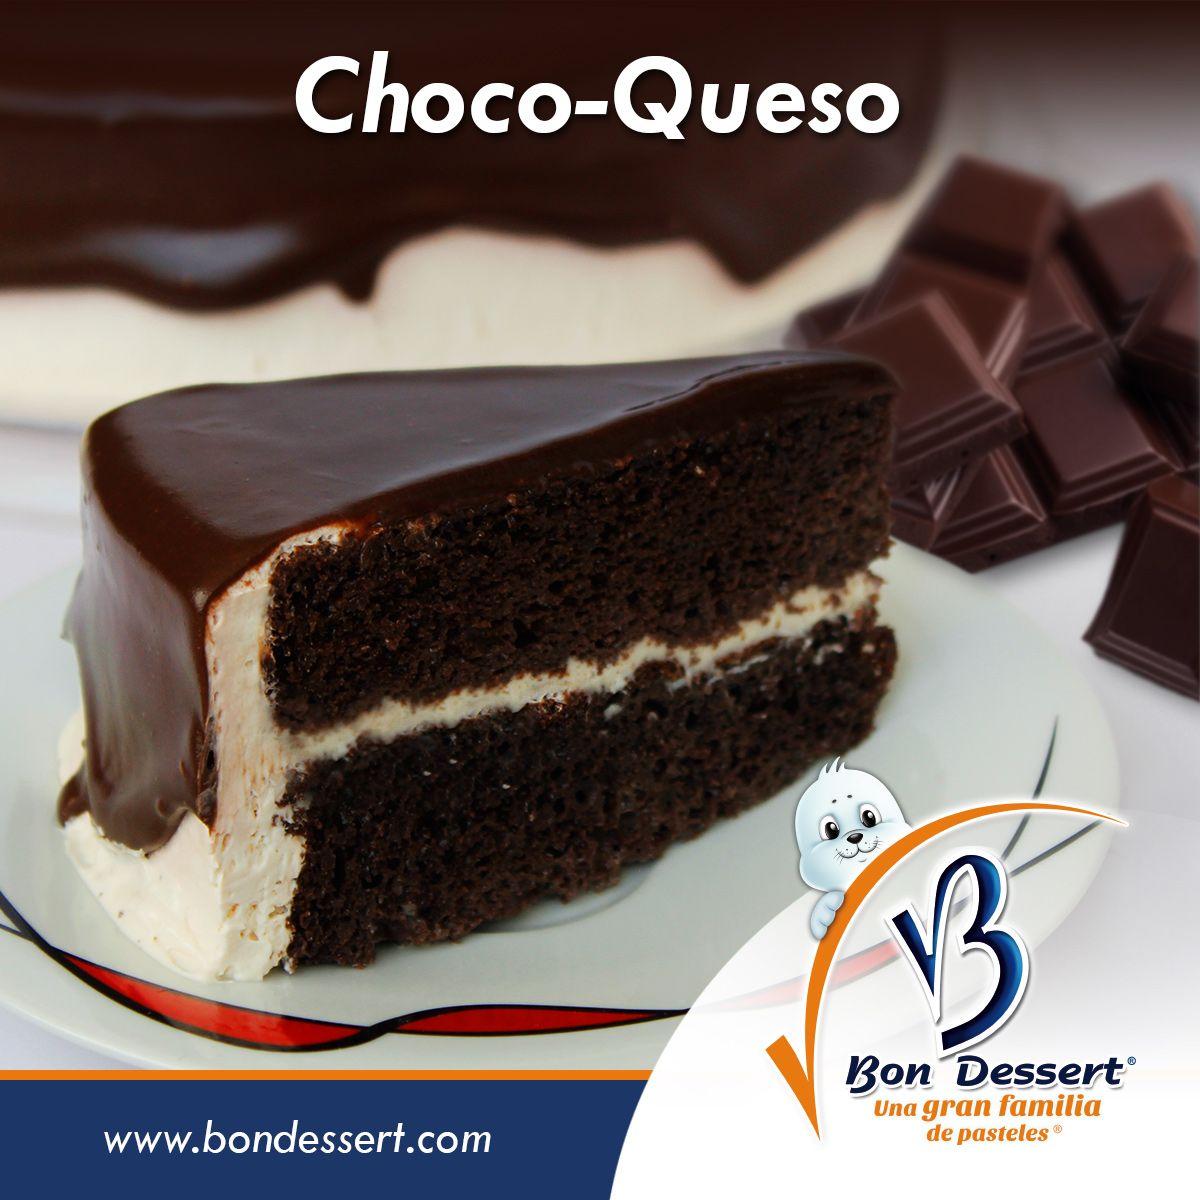 El pastel de Choco-Queso de #BonDessert lleva pan de chocolate ...